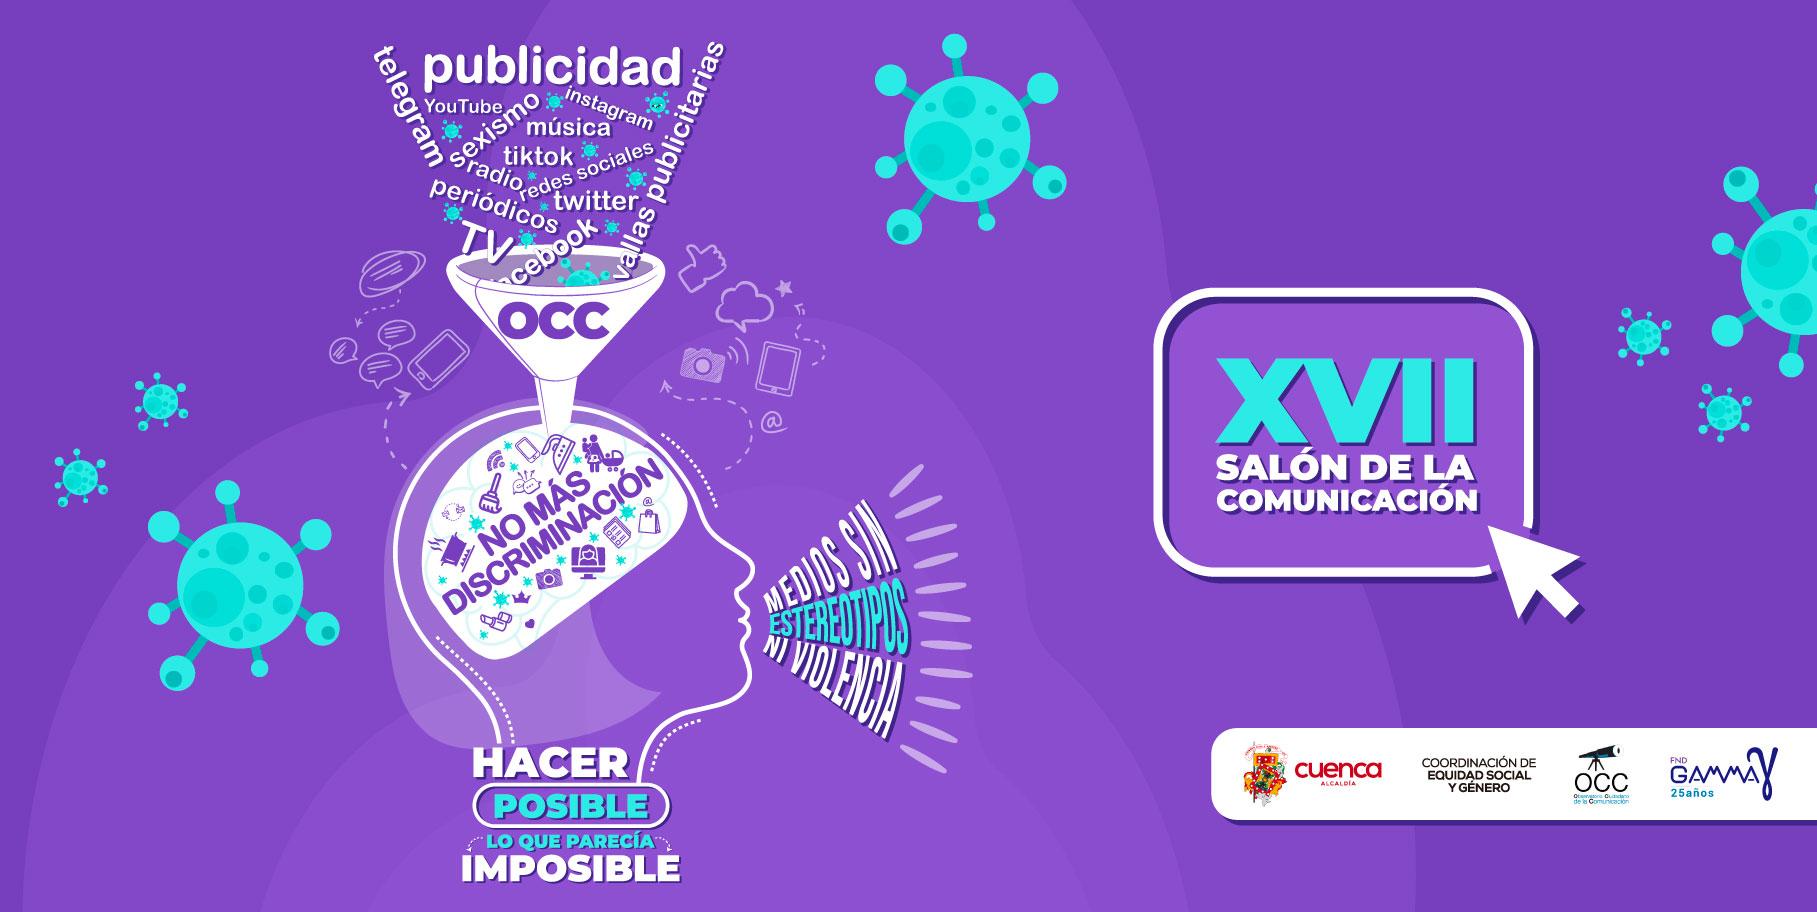 XVII SALÓN DE LA COMUNICACIÓN